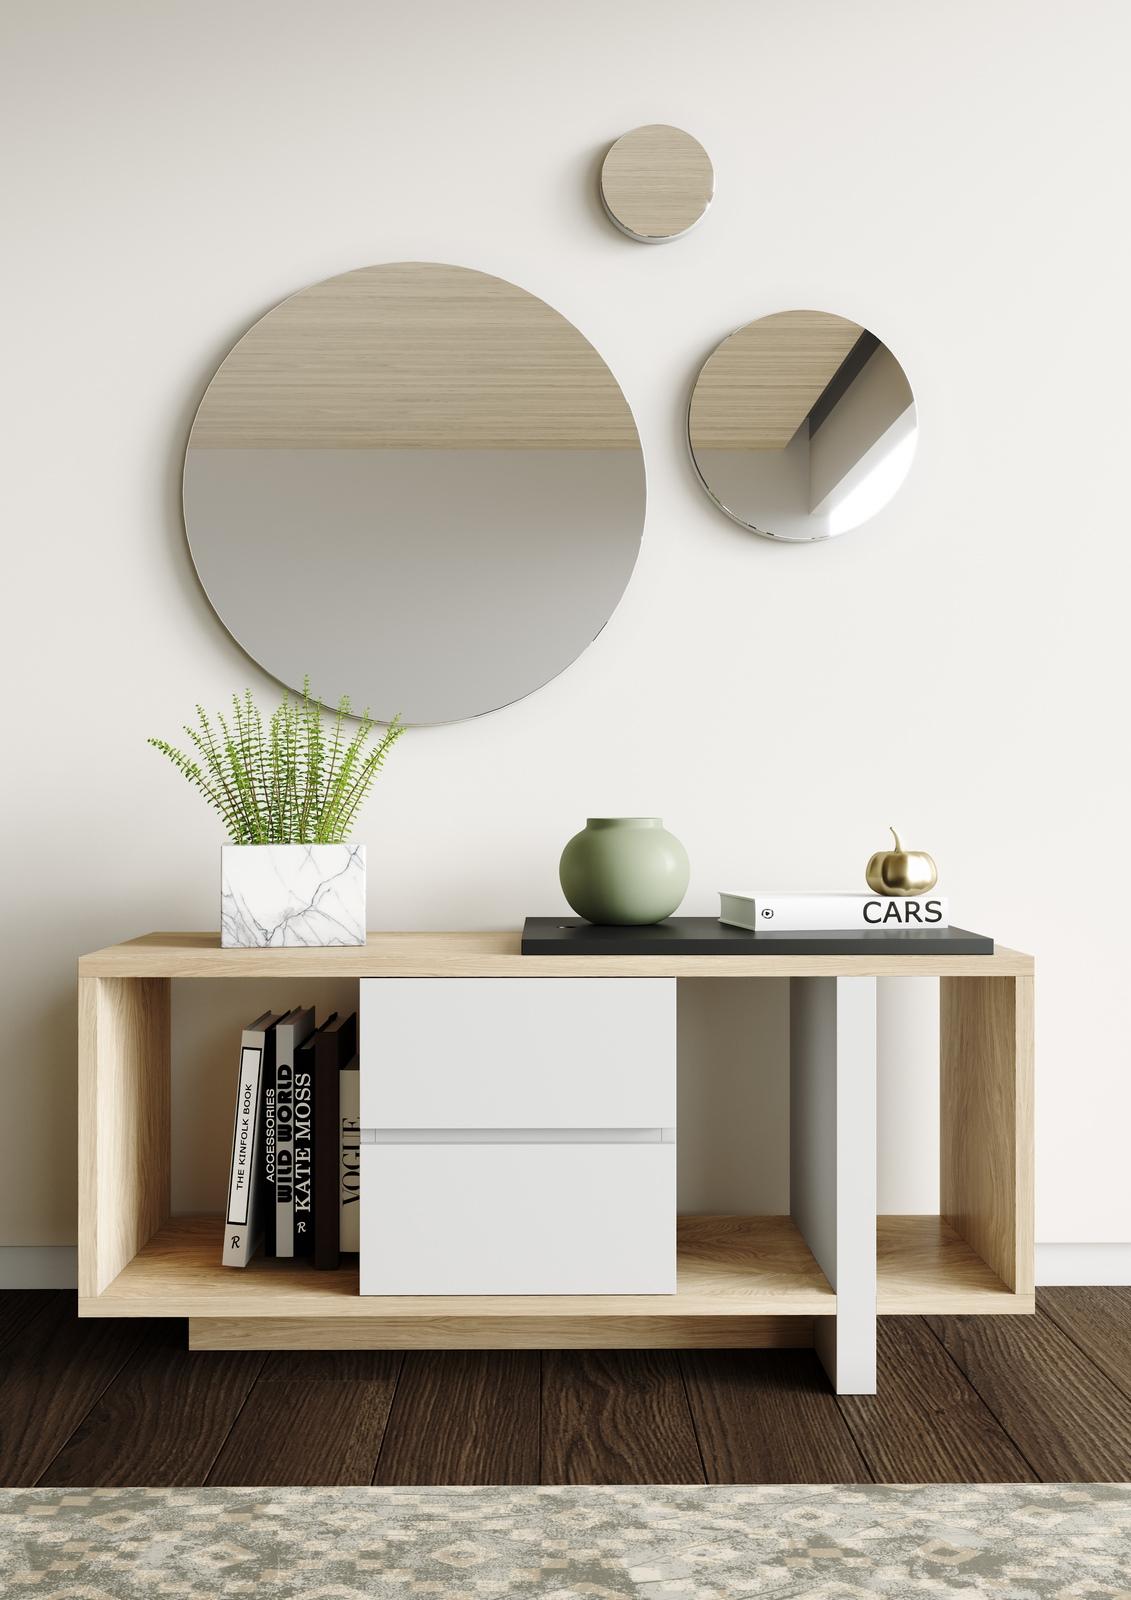 espelho-redondo-movel-apoio-lacado-branco-carvalho